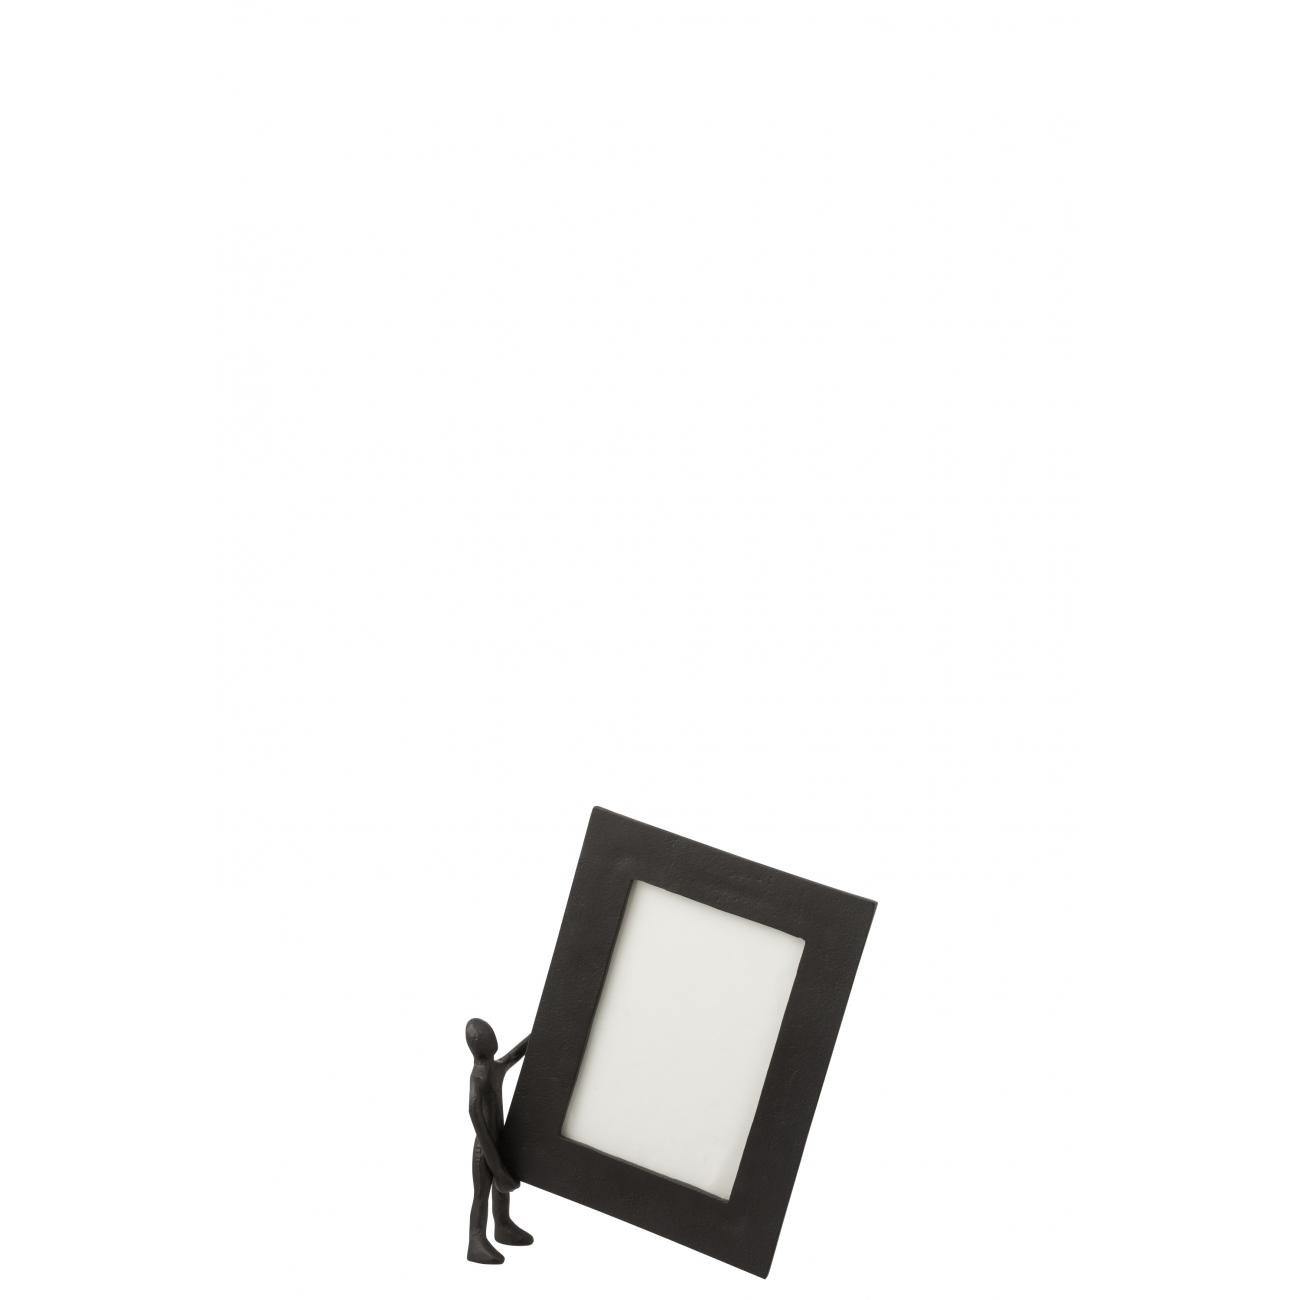 Фоторамка J-LINE металлическая черная с декором человечек 13x18 см Бельгия